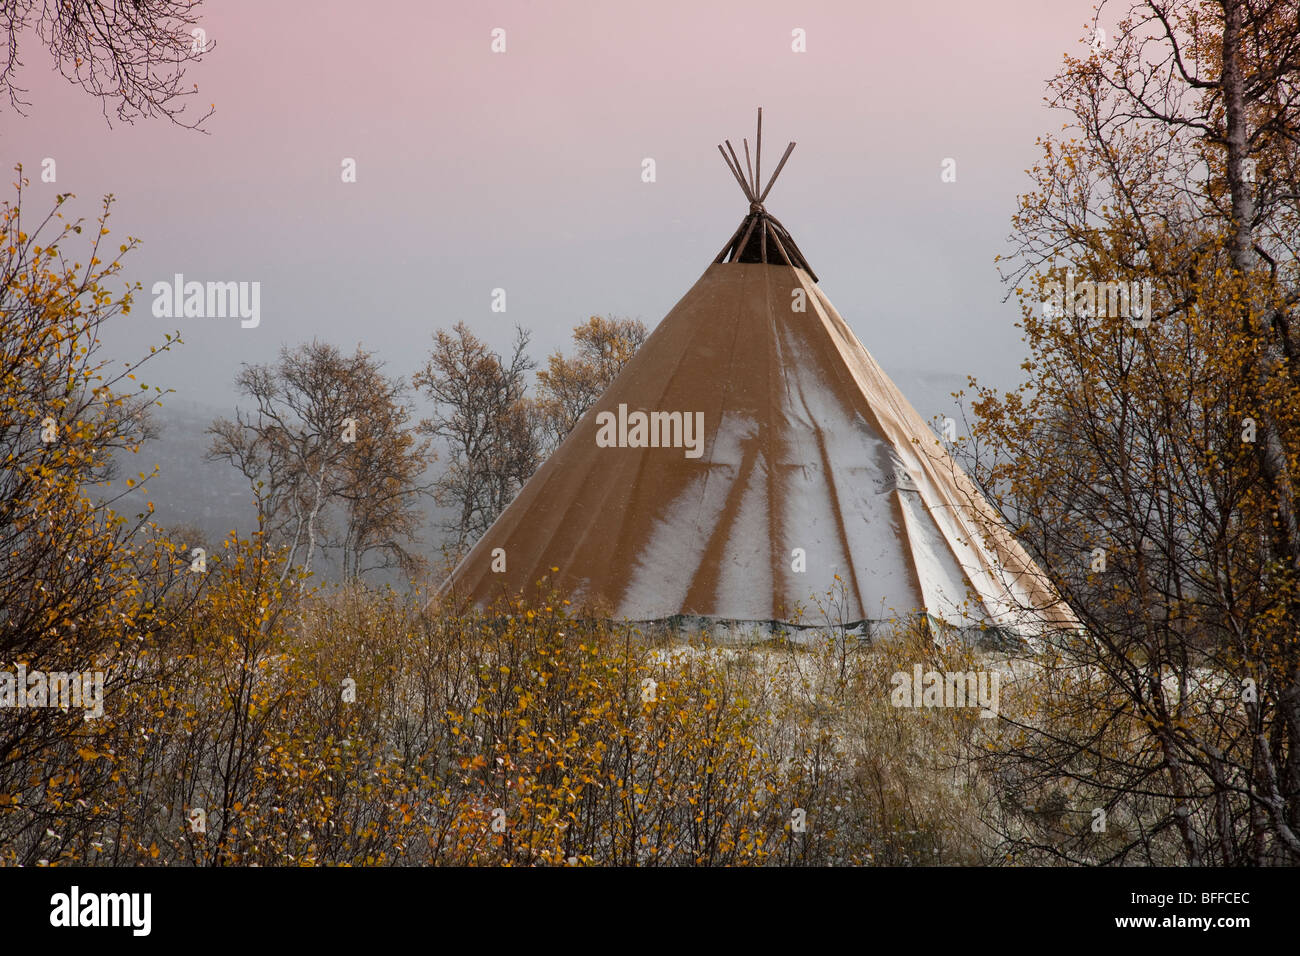 Sami tradizionali hut tenda cot e bosco di betulle, in autunno con la prima neve e vista sul bosco innevato Immagini Stock